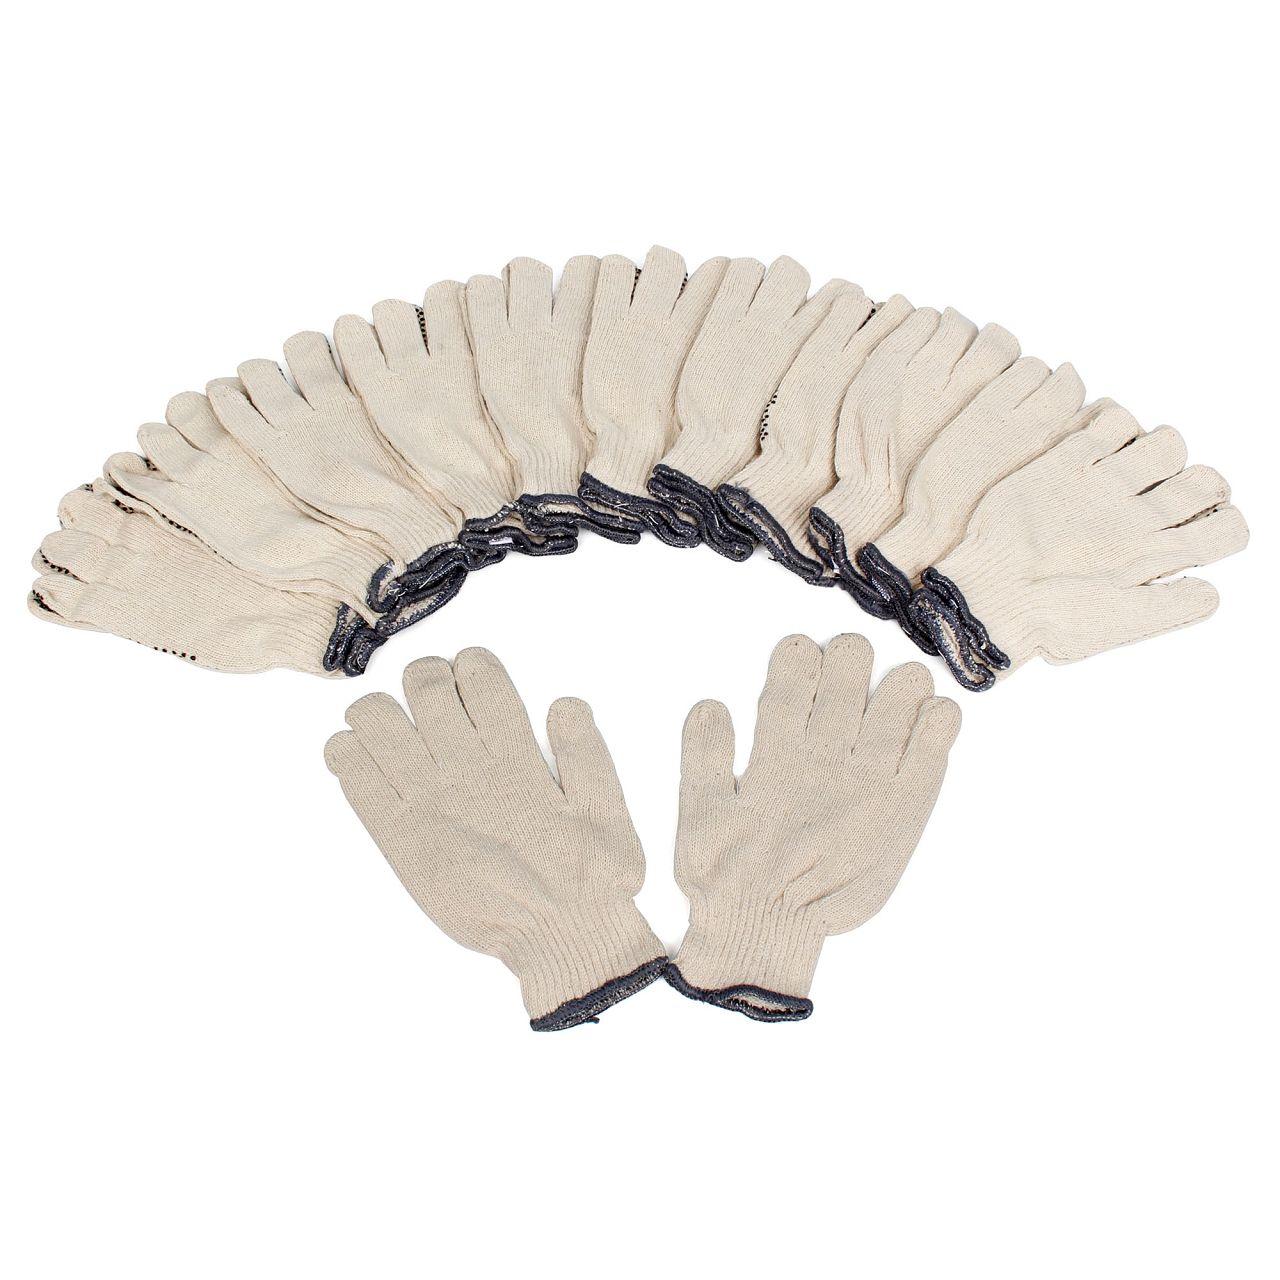 Handschuhe Arbeitshandschuhe BAUMWOLLE - GENOPPT Größe 10 / XL (12 Paar)